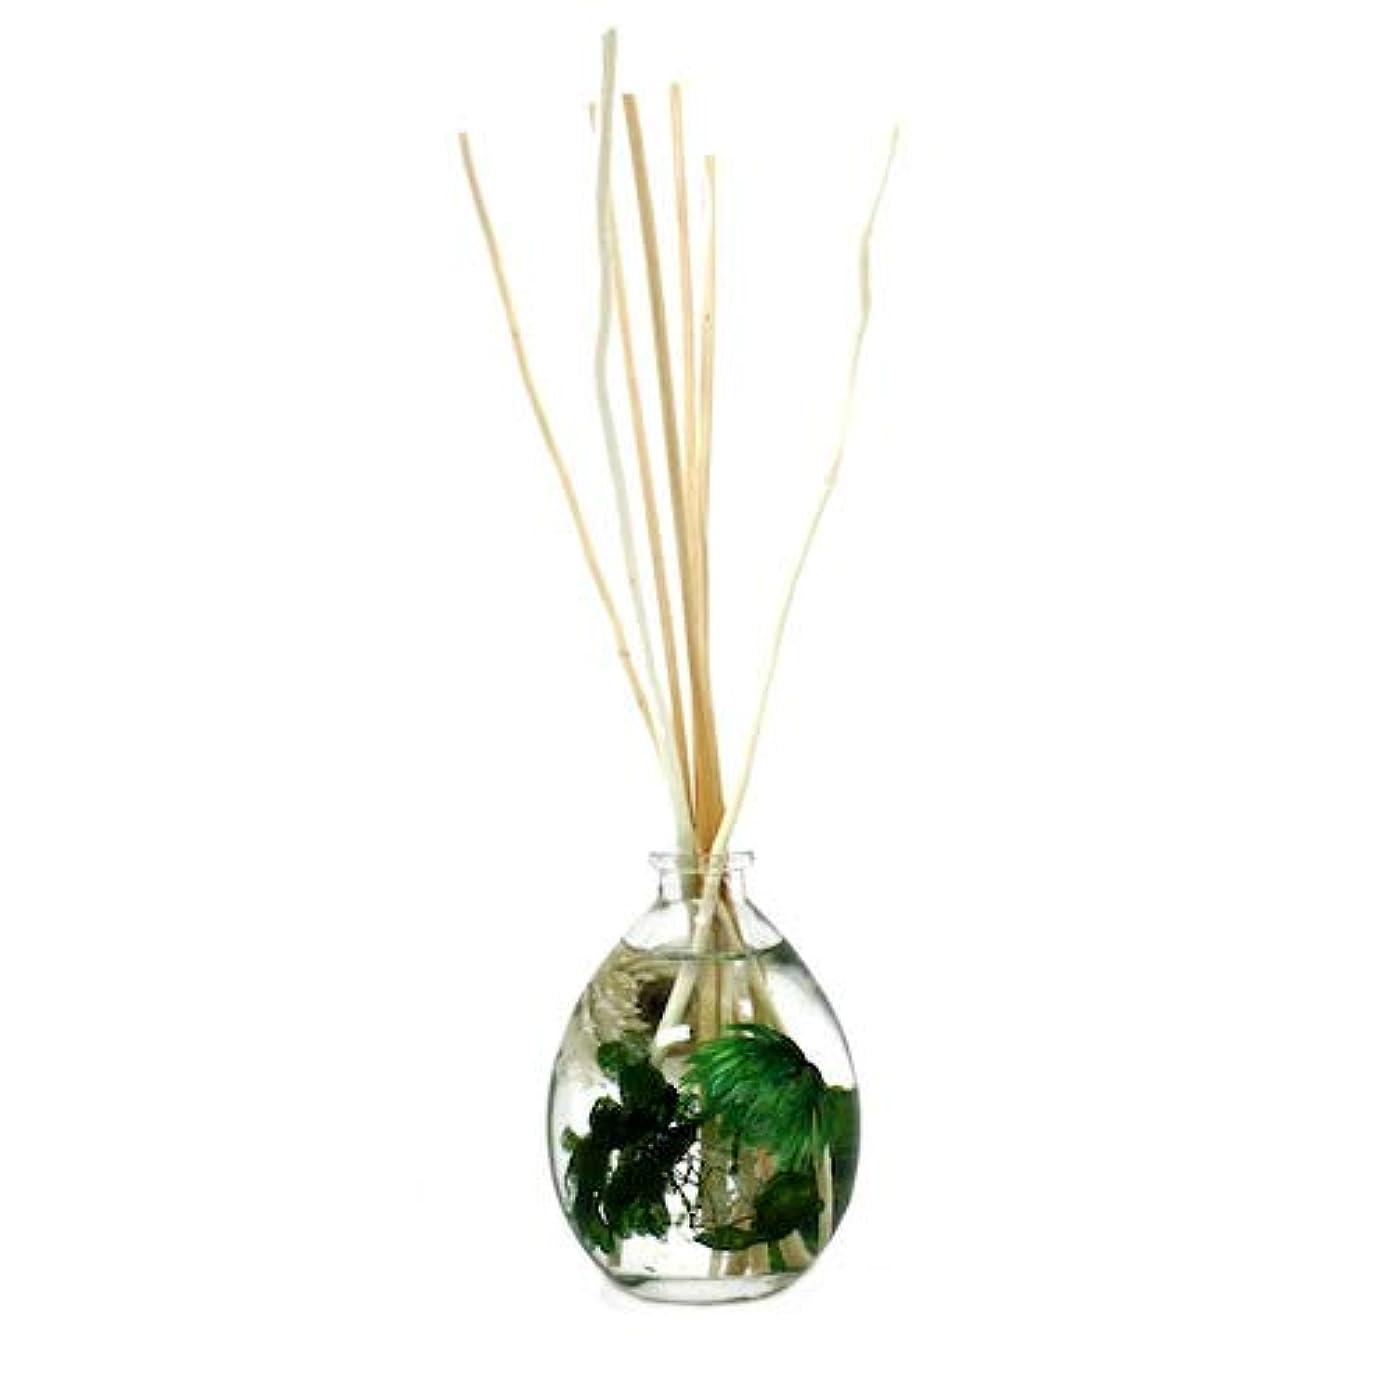 経歴修正立方体BOTANICA(ボタニカ) BOTANICA ラウンドディフューザー グリーン Round Diffuser GREEN ボタニカ H100×Φ70mm/140ml